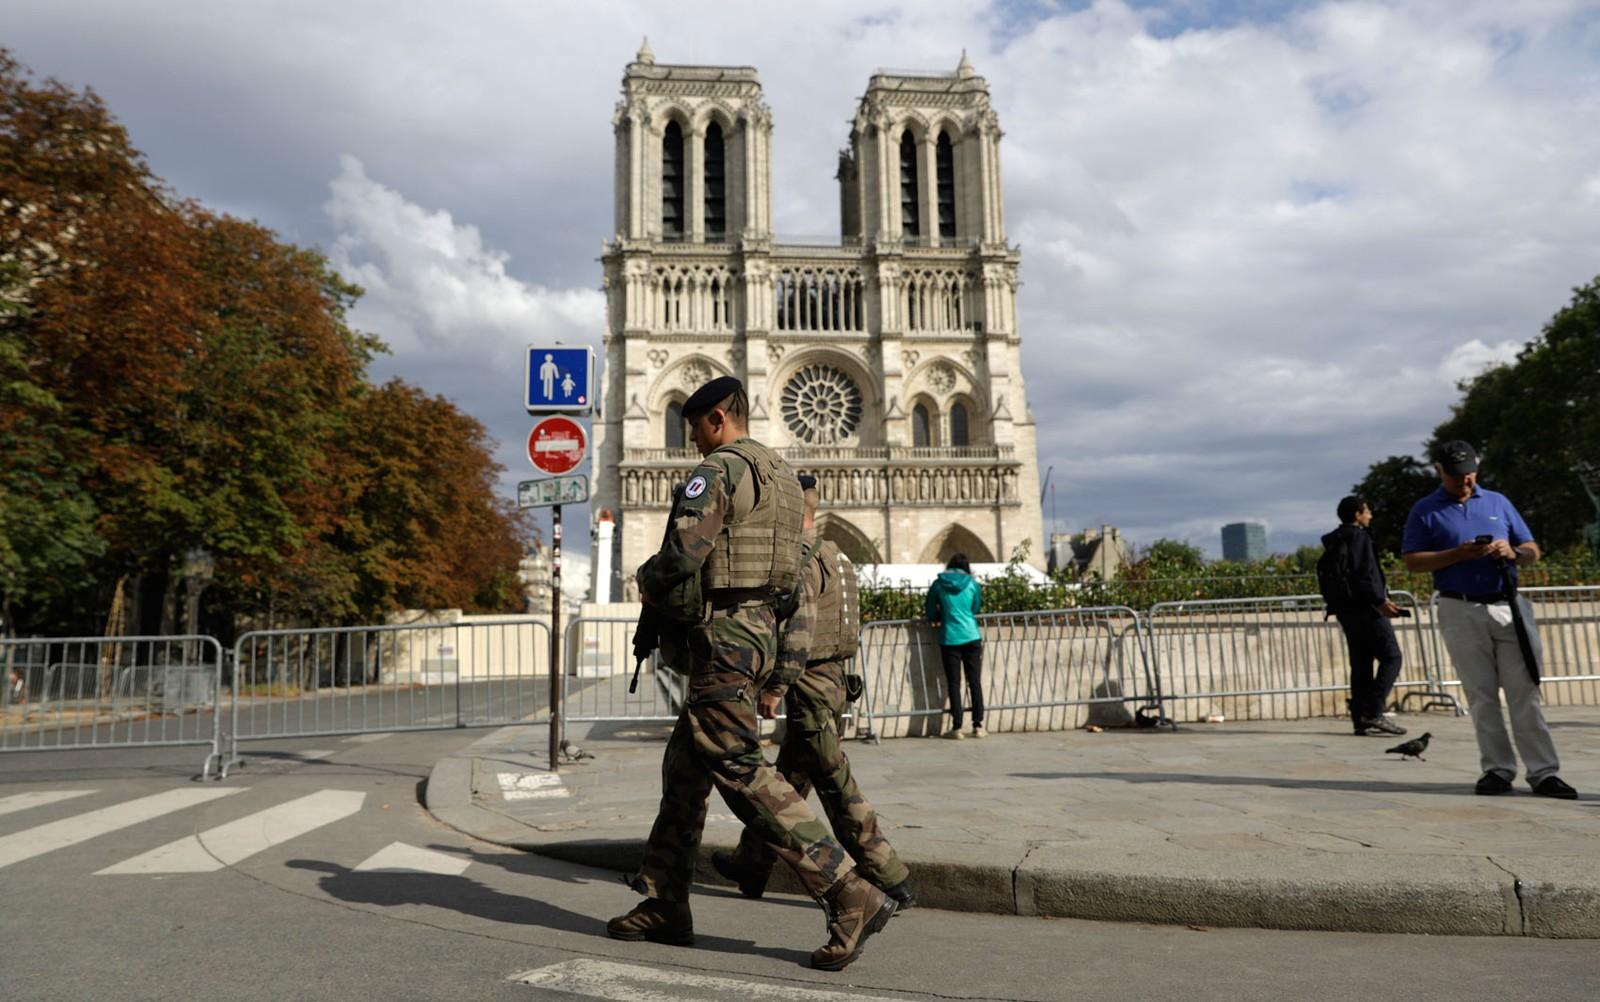 Soldados evacuam área ao redor da Catedral de Notre-Dame, em Paris, antes do início dos trabalhos de limpeza do chumbo no local, na segunda-feira (12) — Foto: AP Photo/Lewis Joly